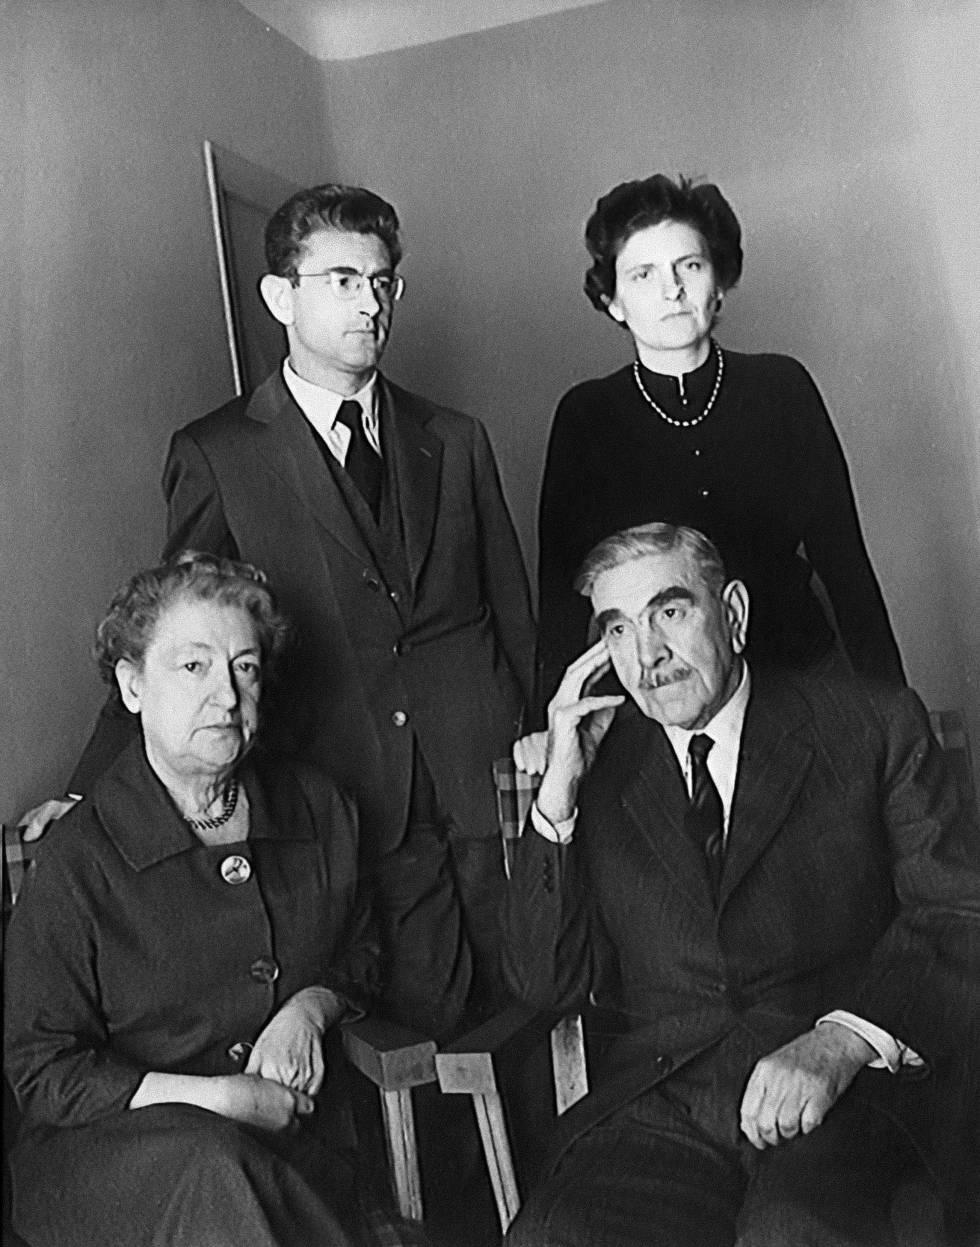 El último retrato de la familia Pavelic, tomado en 1959 en Madrid meses antes de la muerte del dictador croata en la capital española.